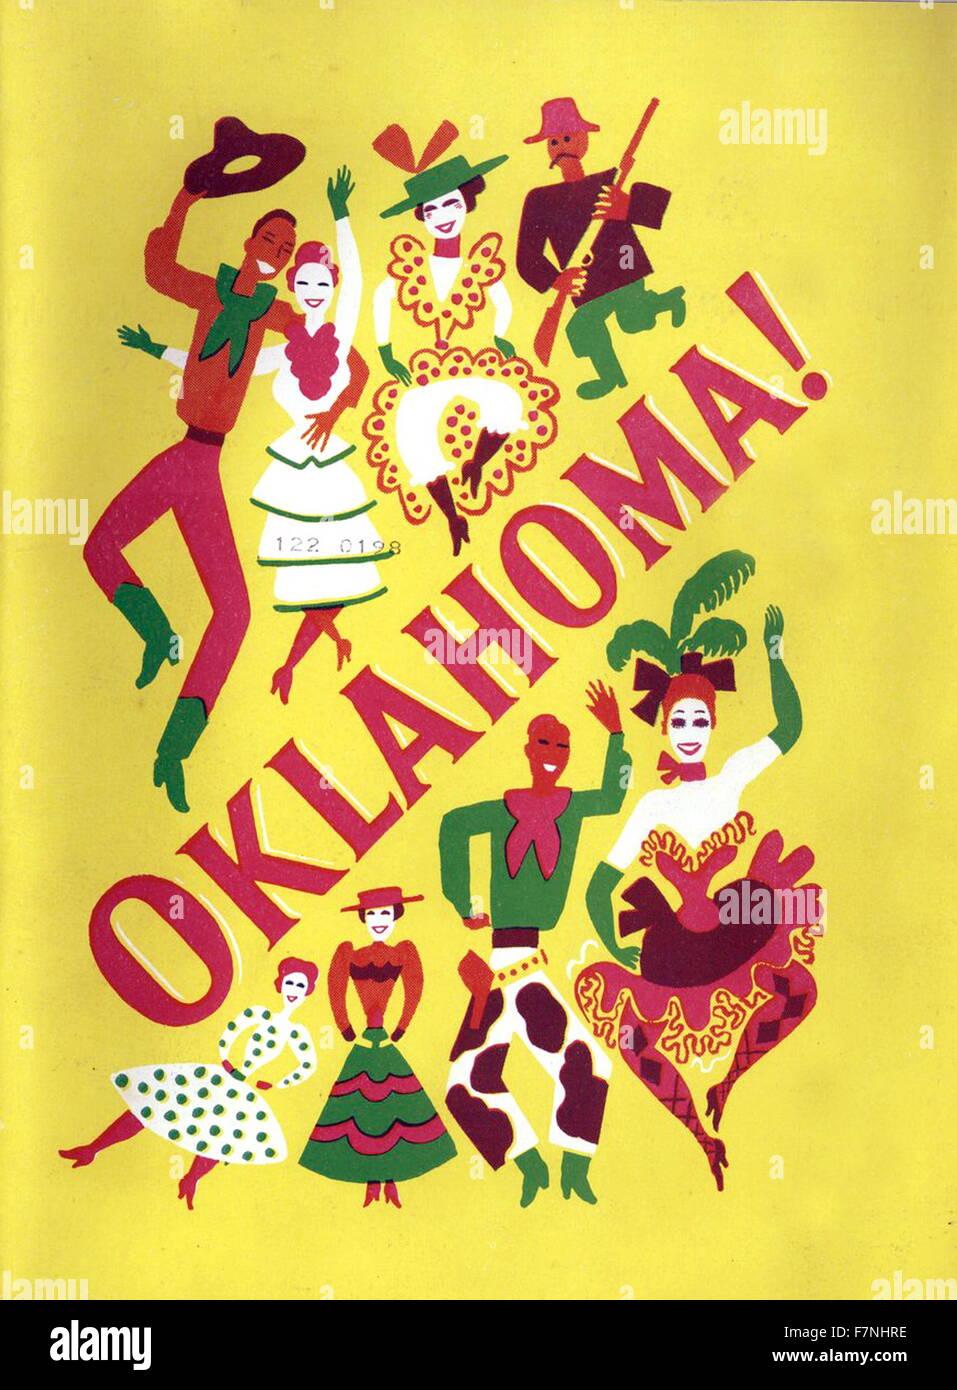 Affiche publicitaire de la jouer 'California'. Datée 1948 Banque D'Images